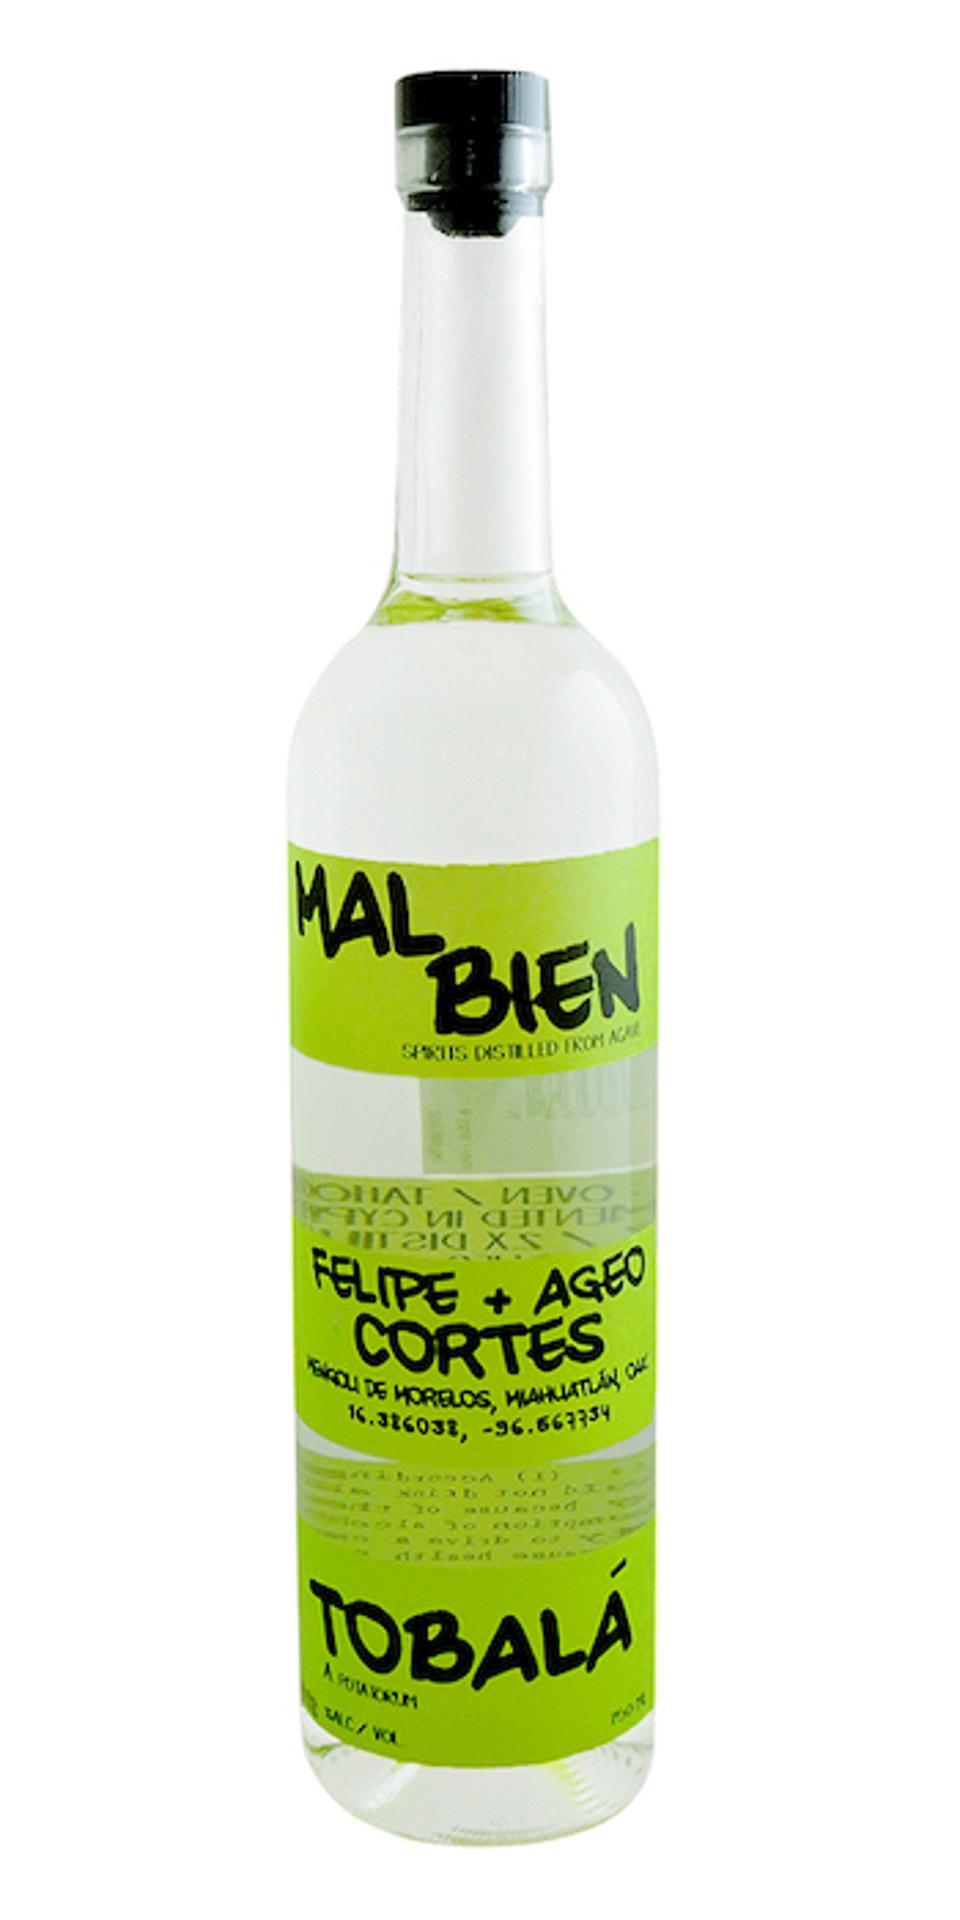 Mal Bien Tobala Mezcal_Best Mezcals Cinco de Mayo